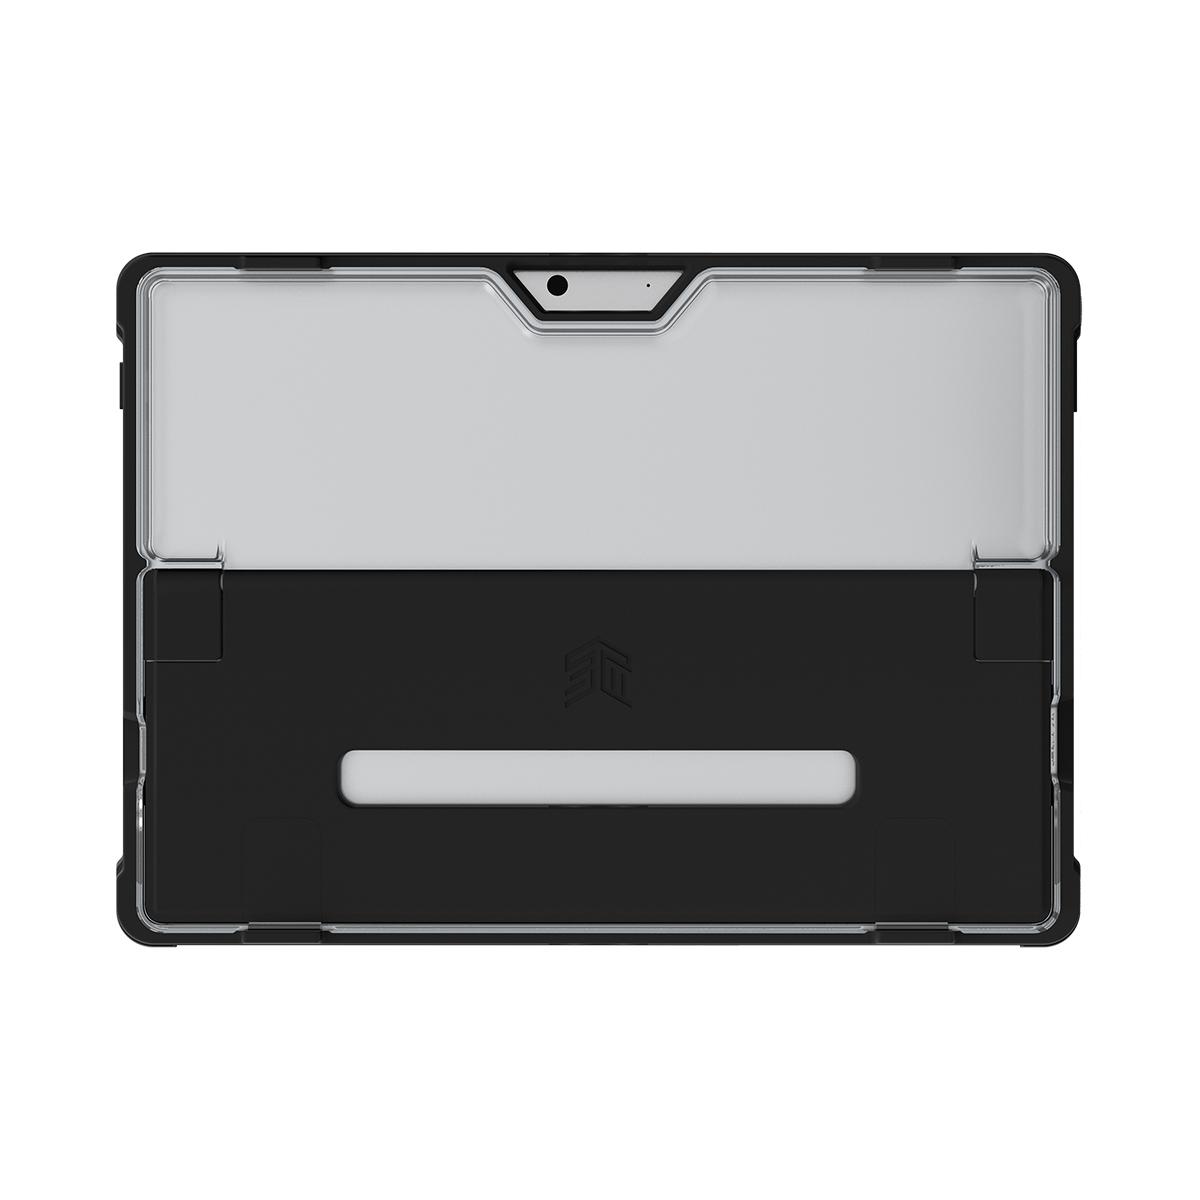 کاور اس تی ام مدل DUX مناسب برای تبلت مایکروسافت Surface Pro X